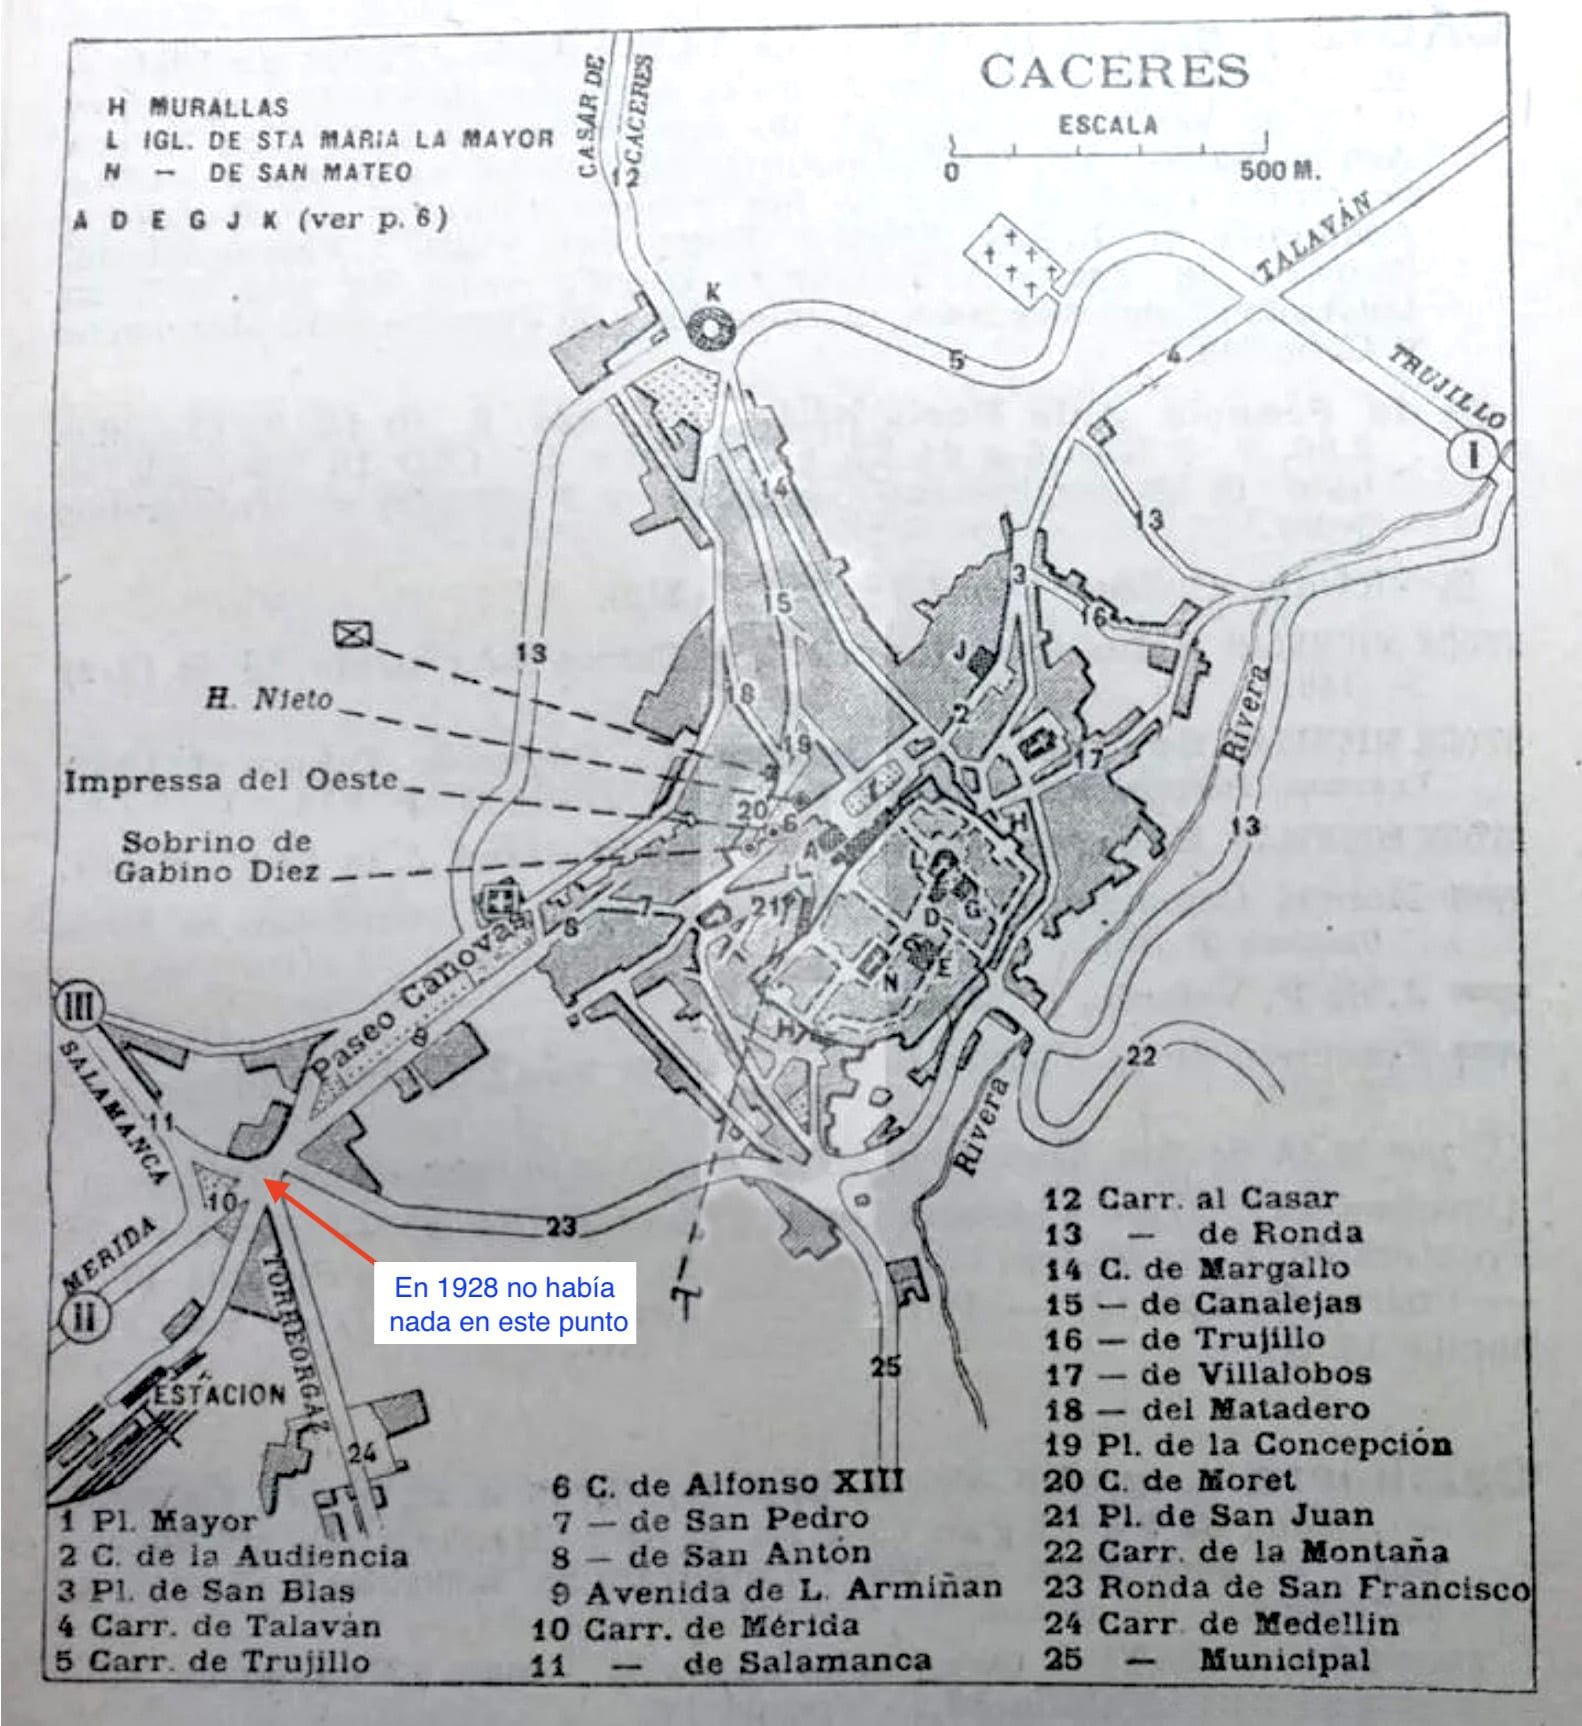 Plano de Cáceres de 1928